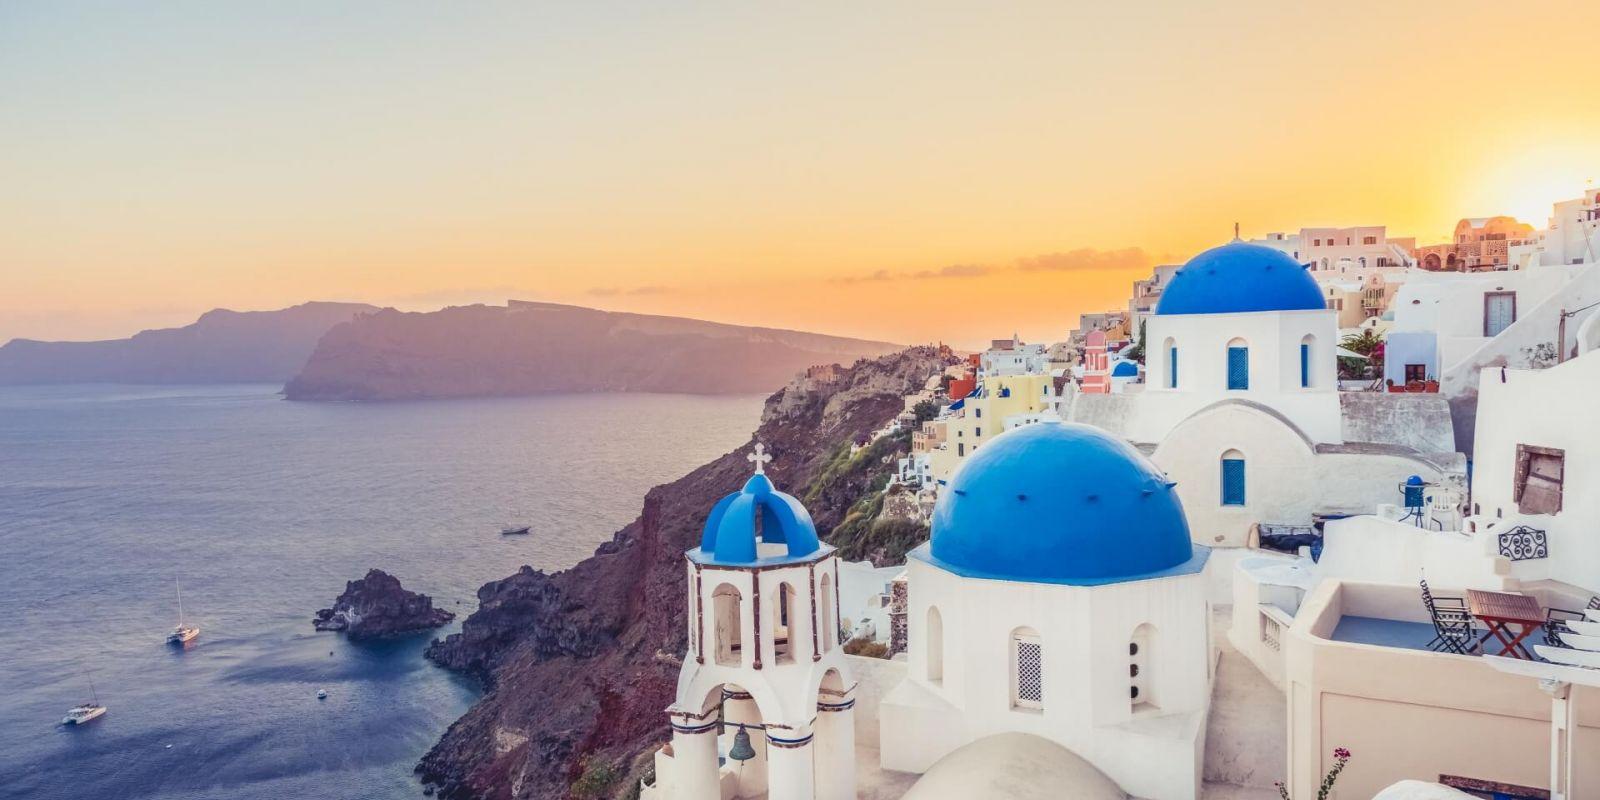 https://www.talamare.fr/medias/La belle ville côtière d'Oia sur l'île de Santorin en Grèce avec ses bâtiments blancs et ses dômes bleus